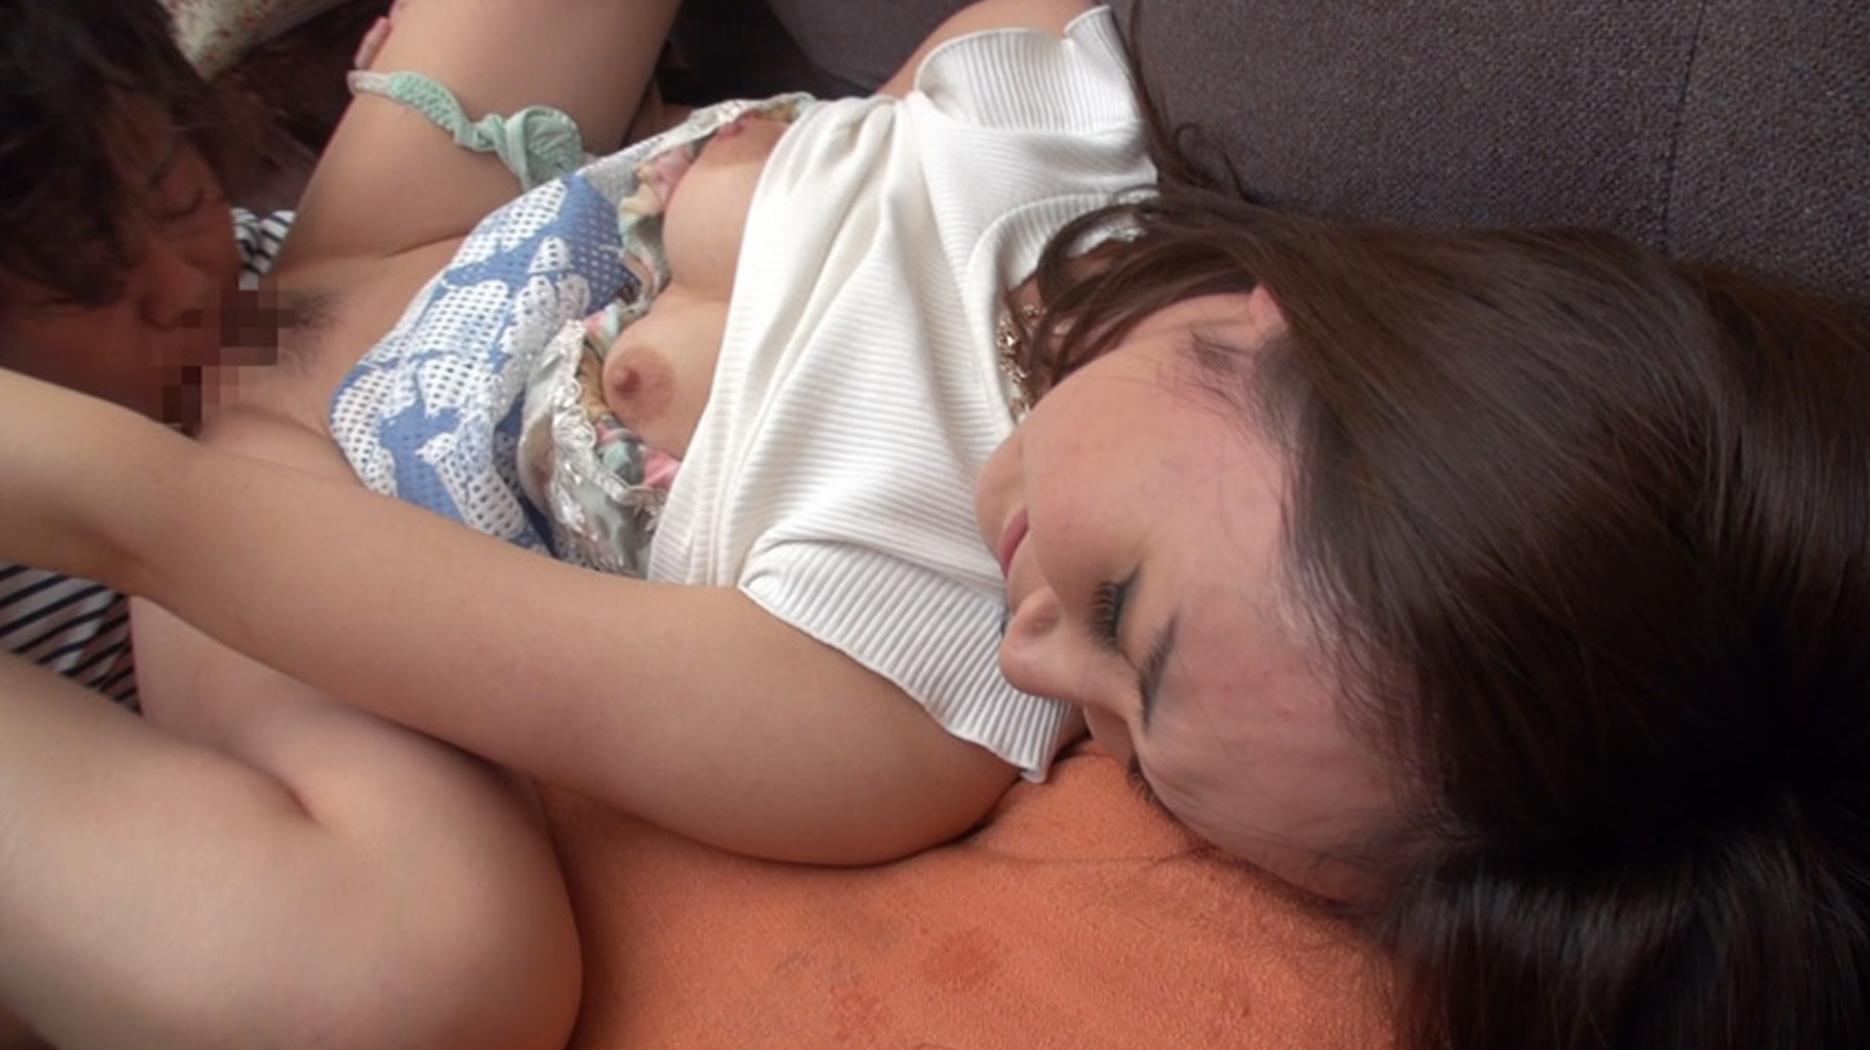 エロ動画人妻ナンパで中出しセックス痙攣逝きで快楽堕ち